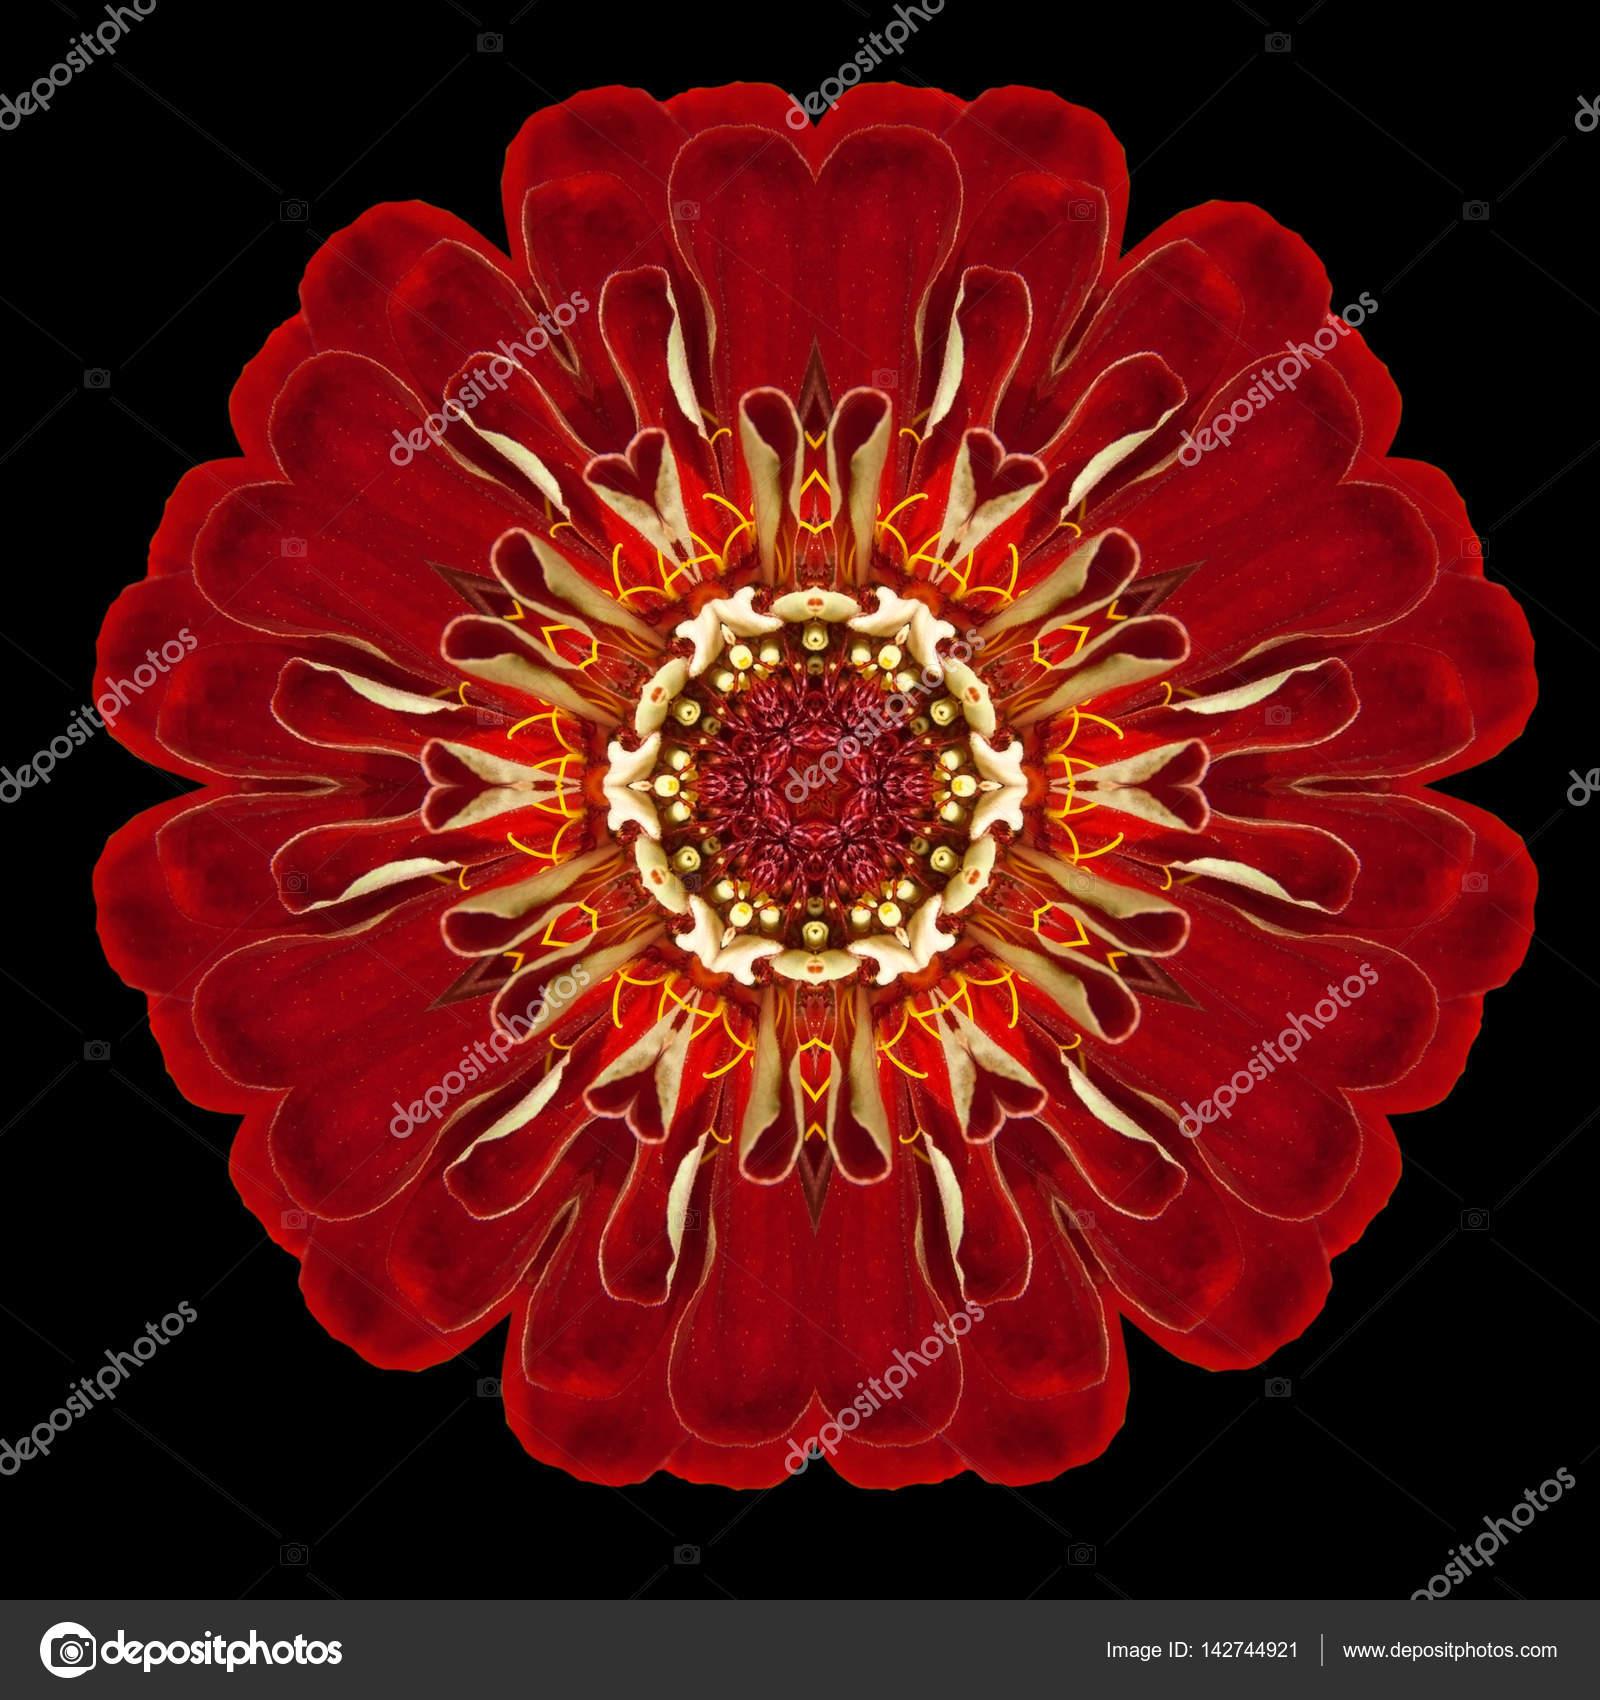 Red Flower Mandala Kaleidoscope Isolated on Black — Stock Photo ...